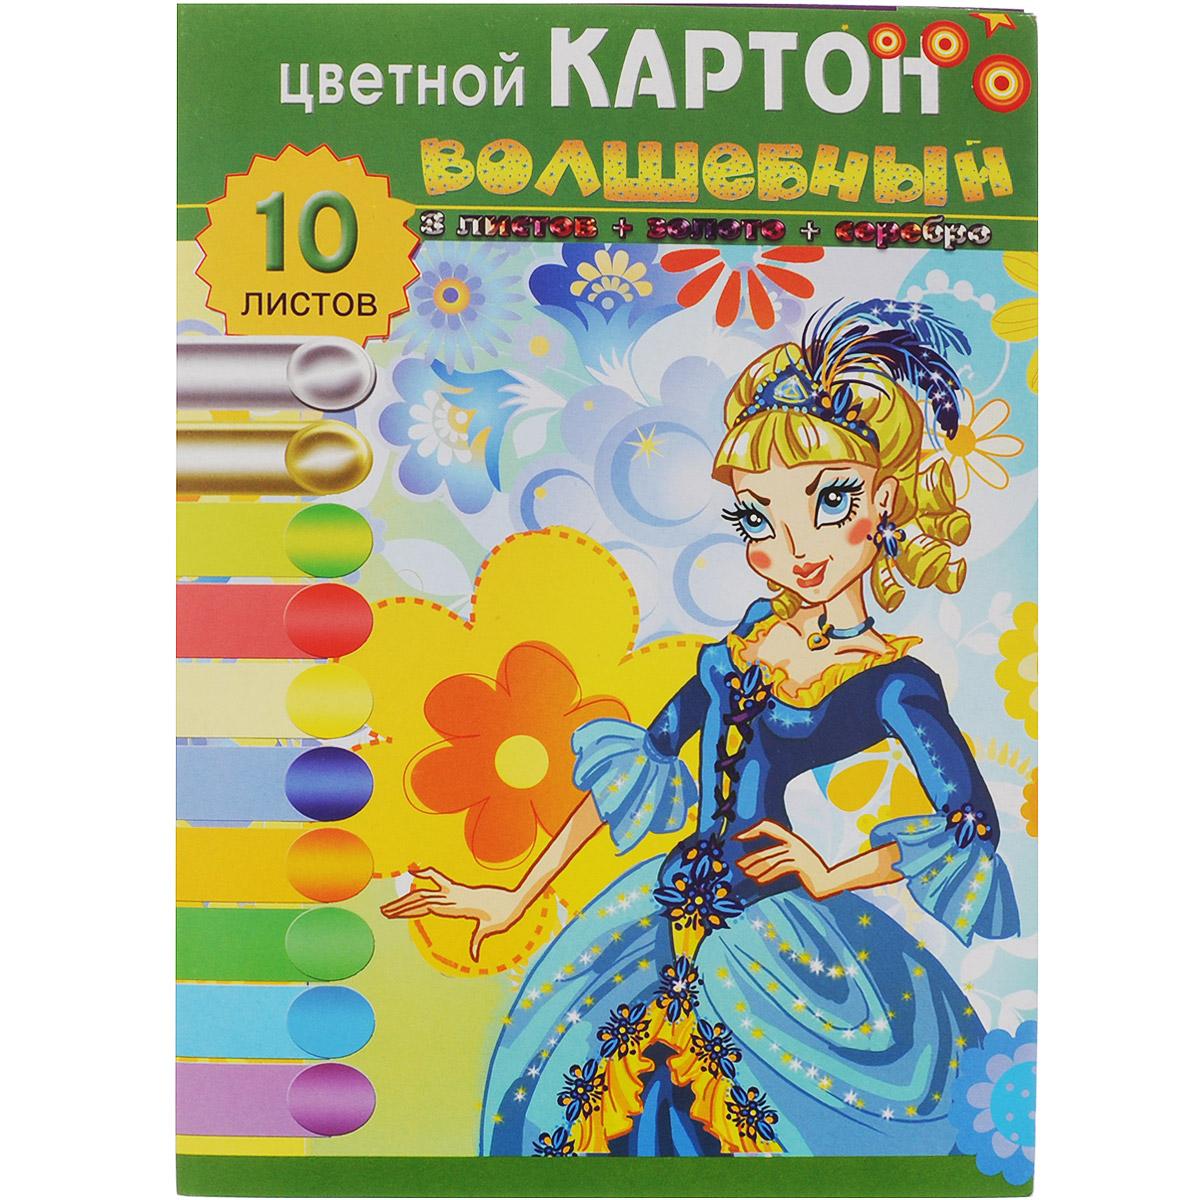 Цветной картон Триумф Принцесса, 10 цветов730396Цветной картон Триумф Принцесса отлично подойдет для творческих занятий в детском саду, школе или дома.Картон упакован в яркую картонную папку, оформленную рисунком с изображением принцессы. Упаковка содержит восемь листов картона разных цветов (оранжевый, зеленый, желтый, черный, белый, синий, фиолетовый, красный) и два листа - золотого и серебряного цвета.Создание поделок и аппликаций из картона - это увлекательный досуг, который позволяет ребенку развивать свои творческие способности. Рекомендуемый возраст: от 3 лет.